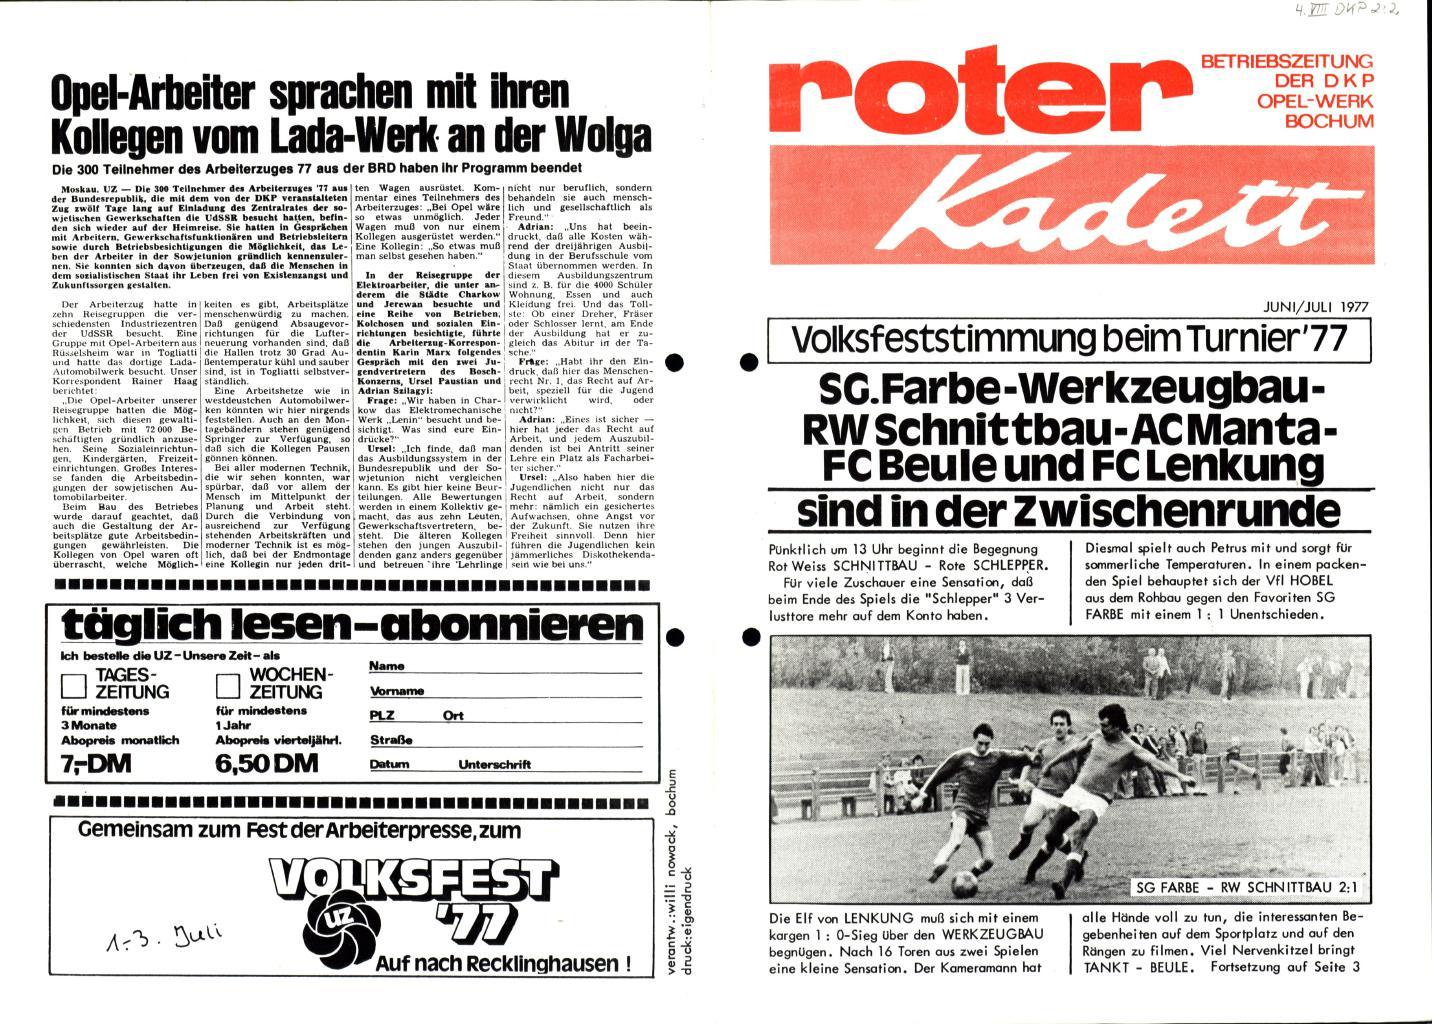 Bochum_Opel_Roter_Kadett_19770615_01